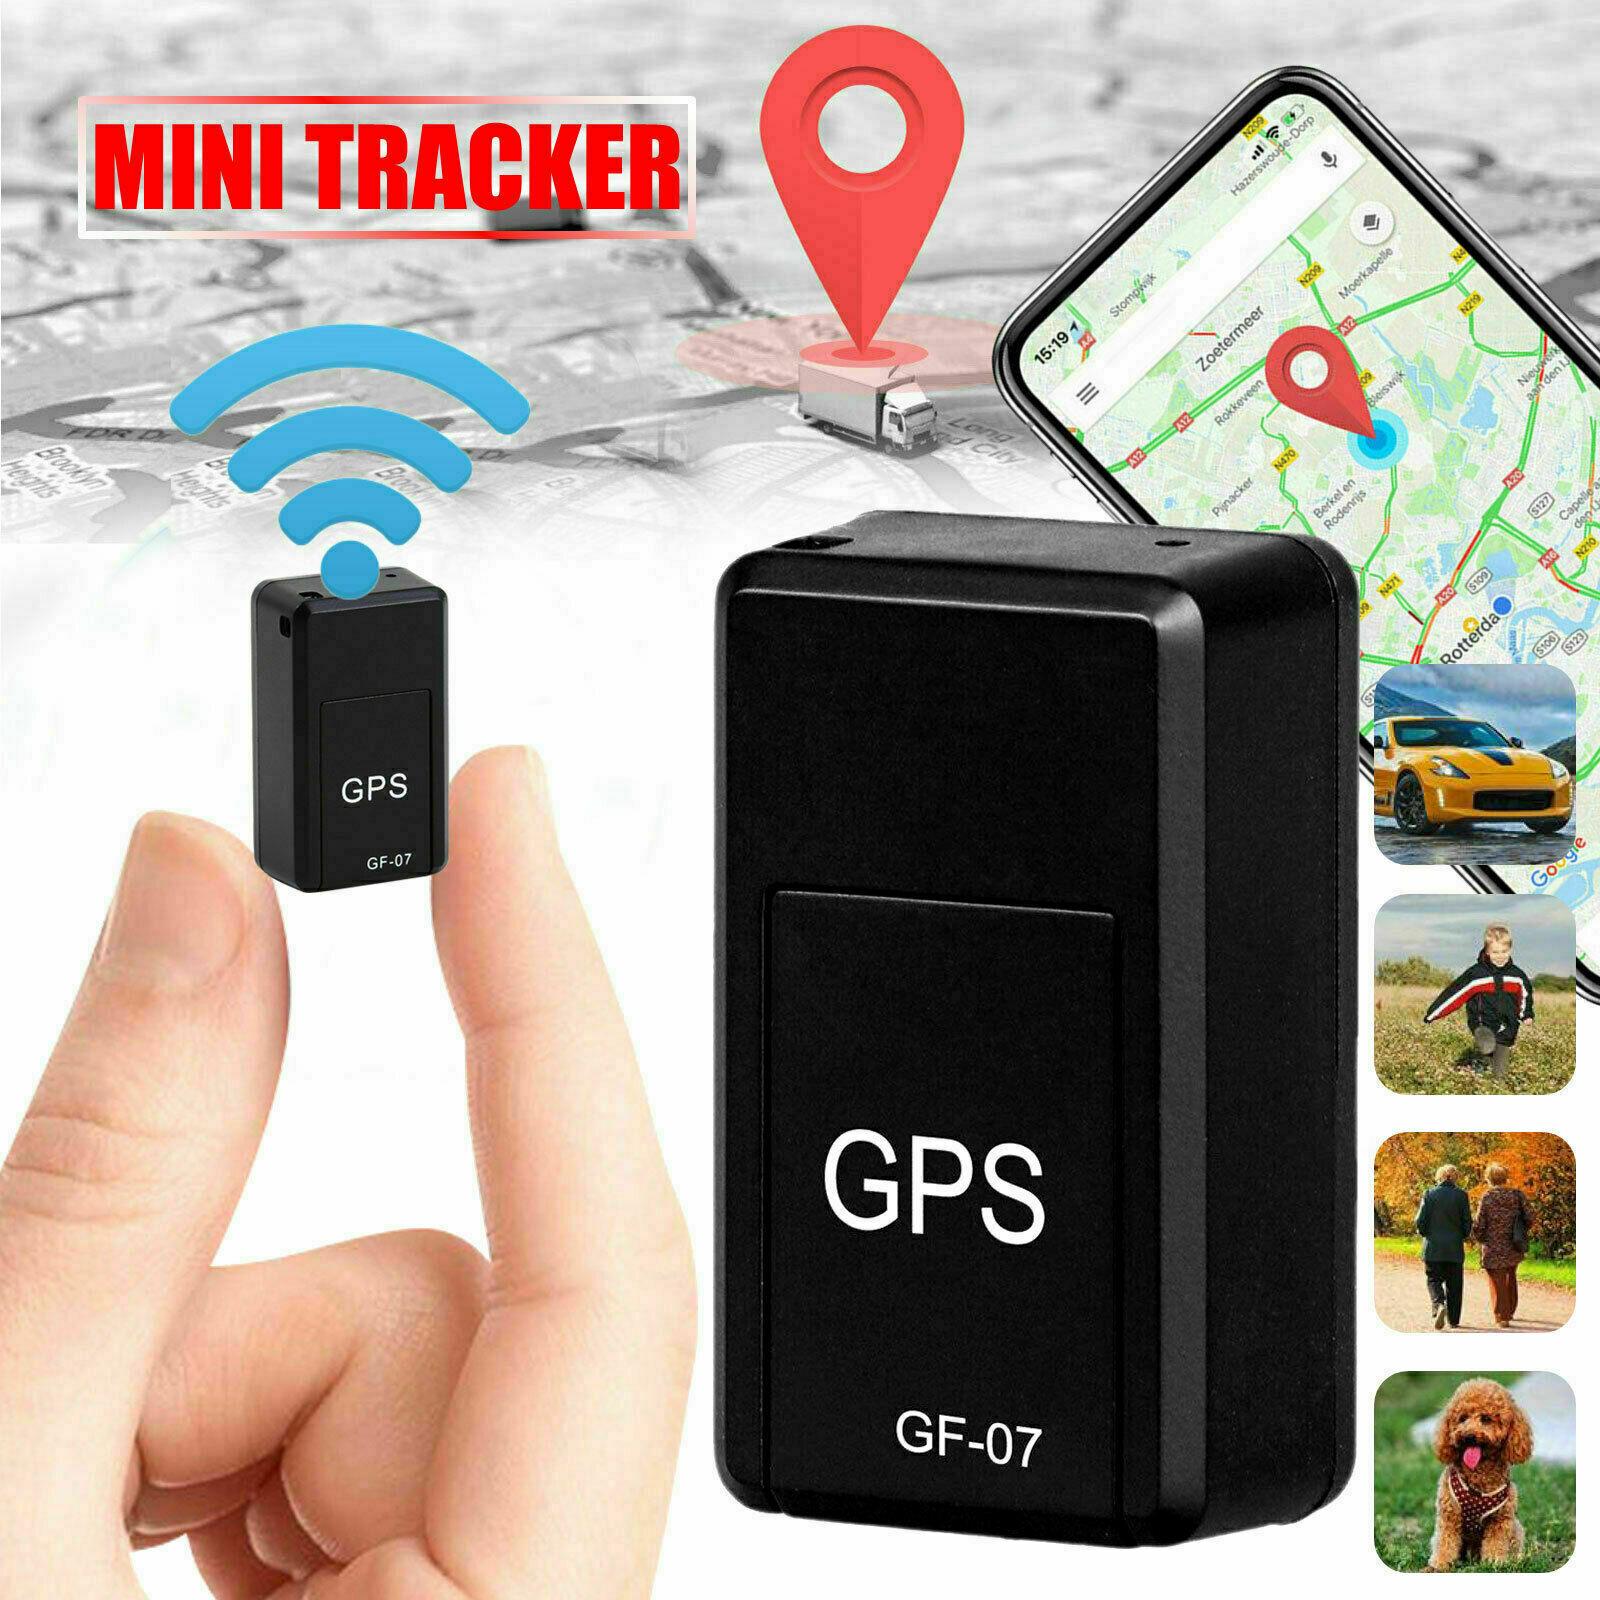 Магнитный мини gps-трекер для детей, GSM GPRS, устройство для отслеживания в реальном времени, устройство для защиты от потери, поддержка дистанц...